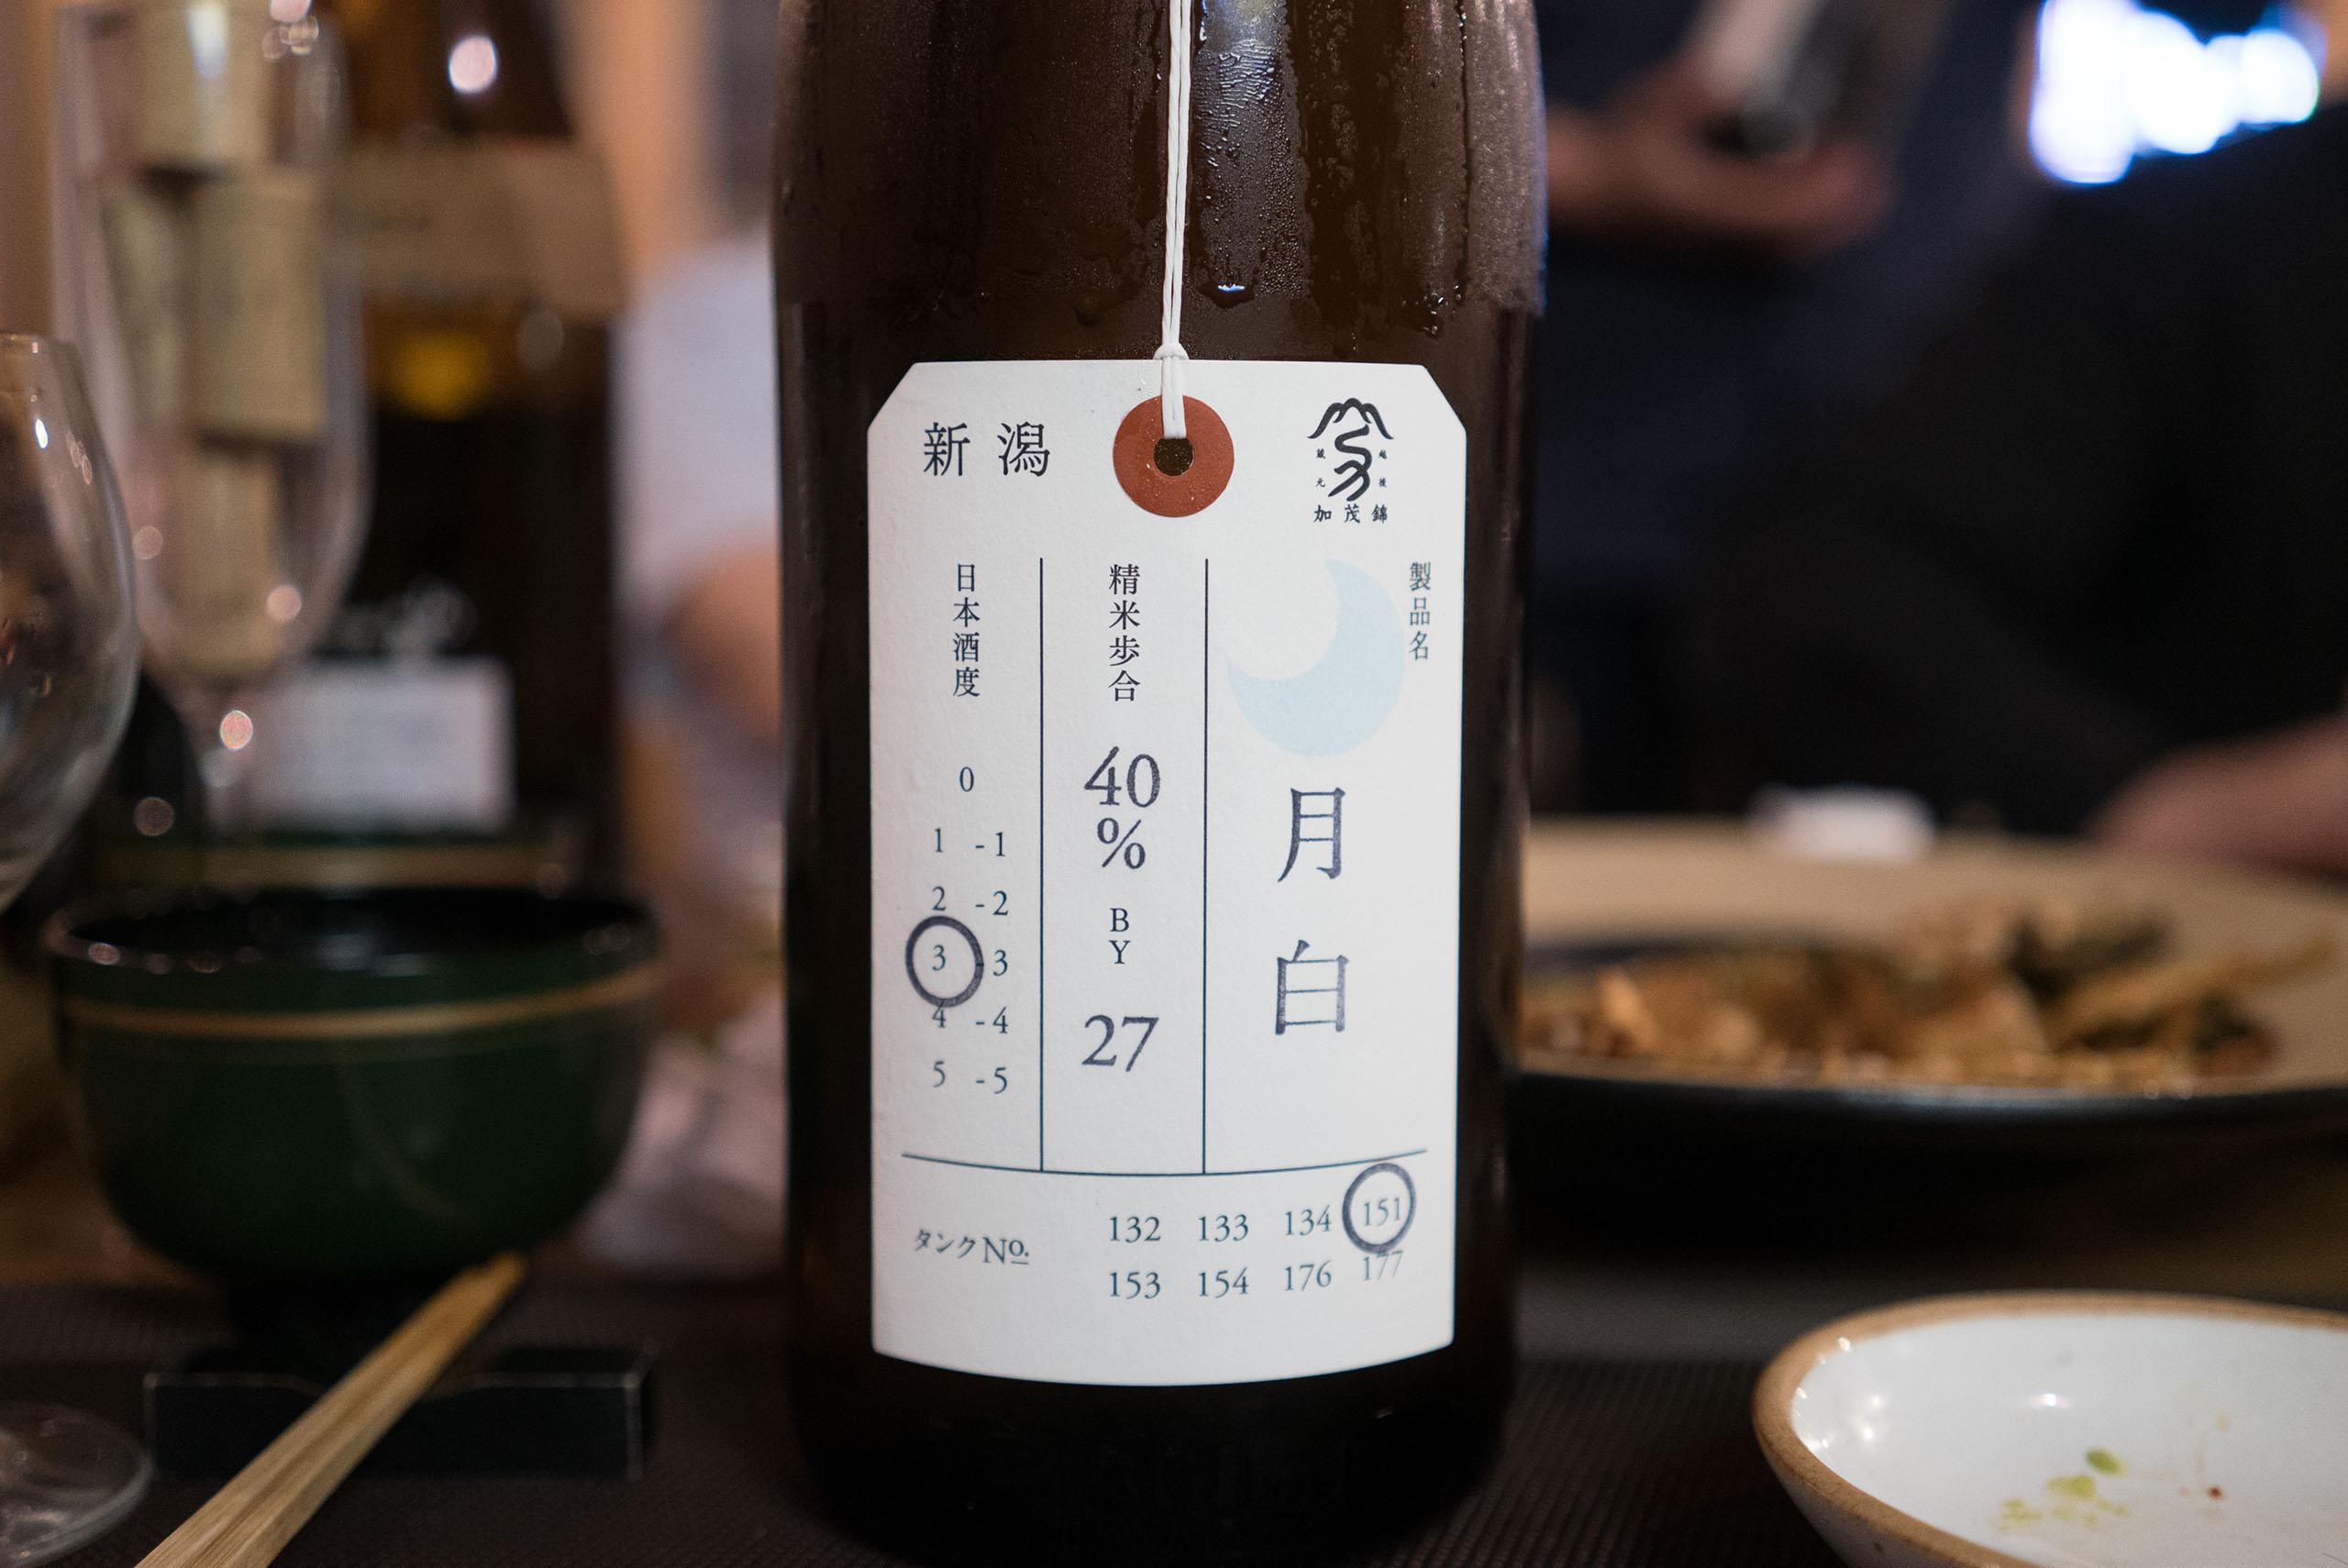 카모니시키 니후다자케 게츠뱌쿠 쥰마이다이긴죠 야마다니시키40 나마츠메